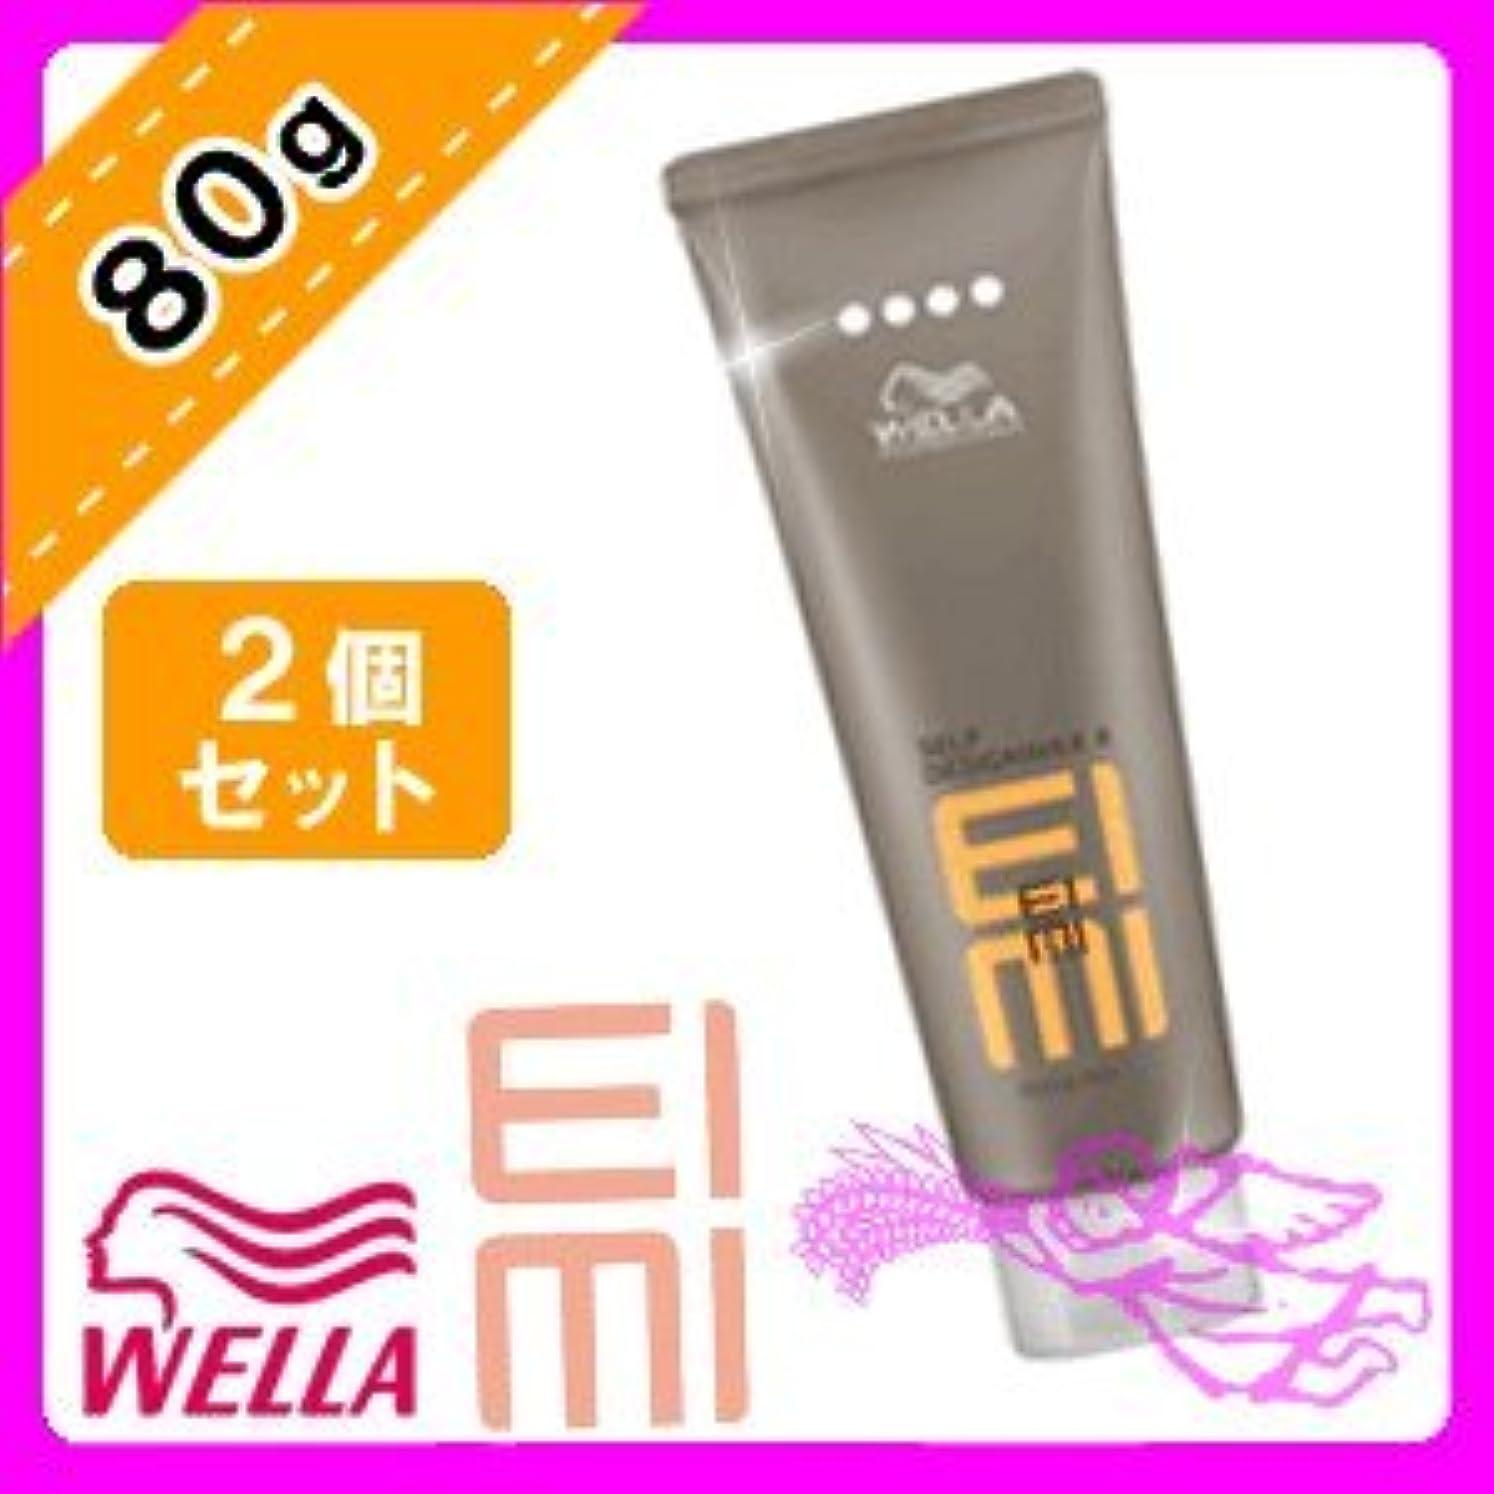 虚栄心復活する喜ぶウエラ EIMI(アイミィ) セルフデザインワックス4 80g ×2個 セット WELLA P&G